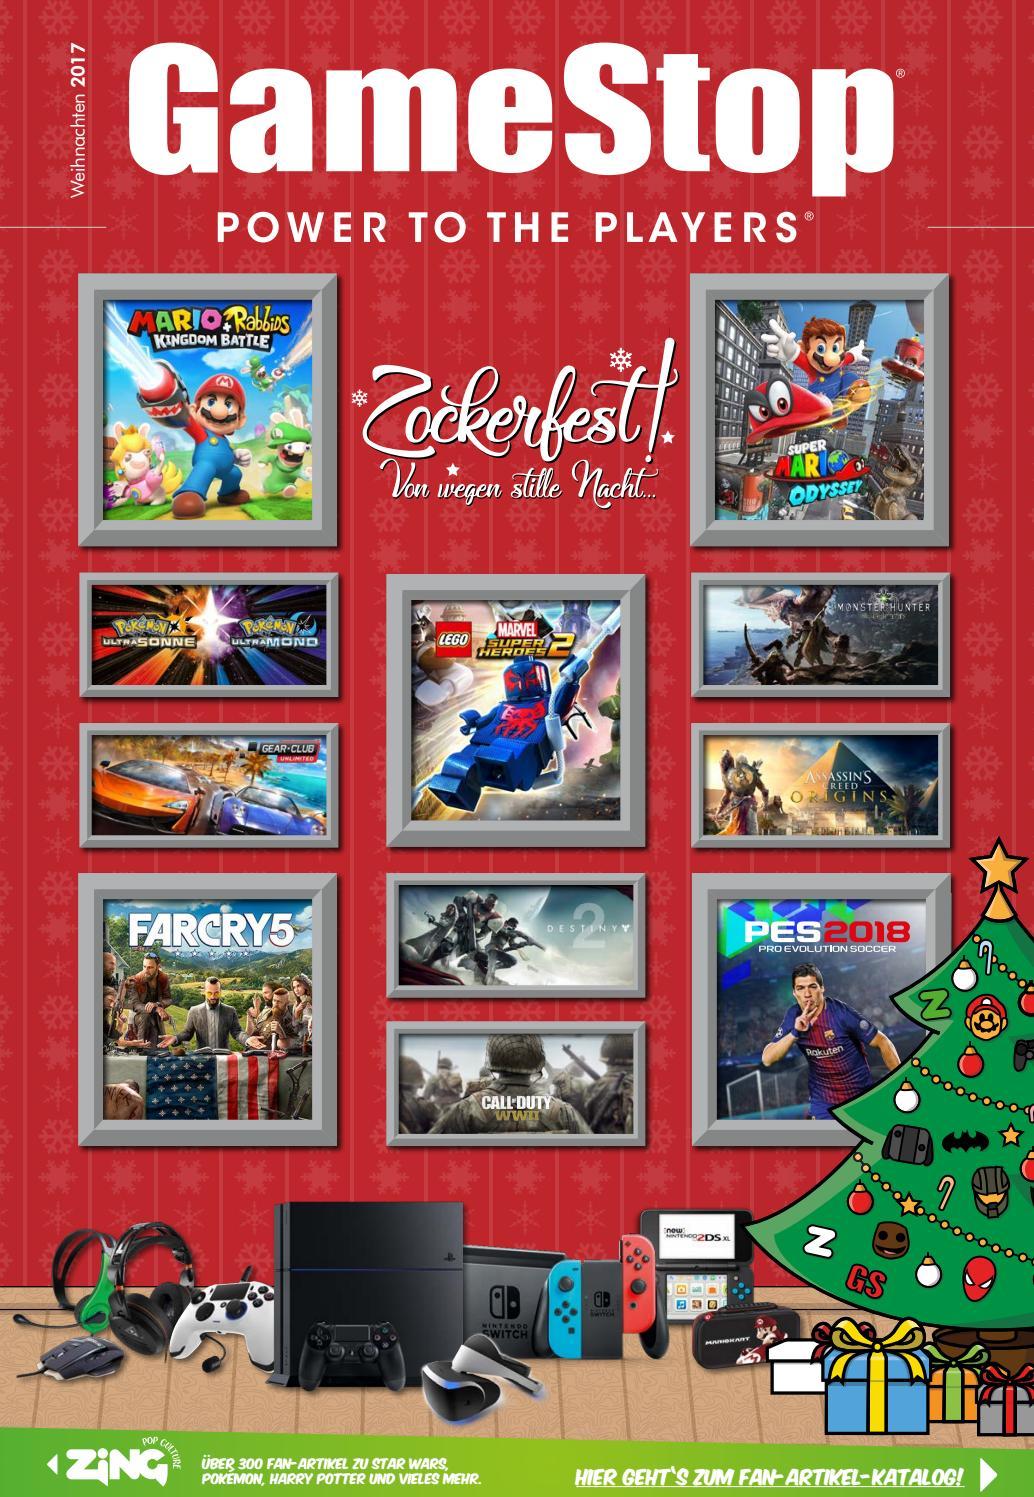 Gamestop Katalog Weihnachten 2017 by GameStop - issuu